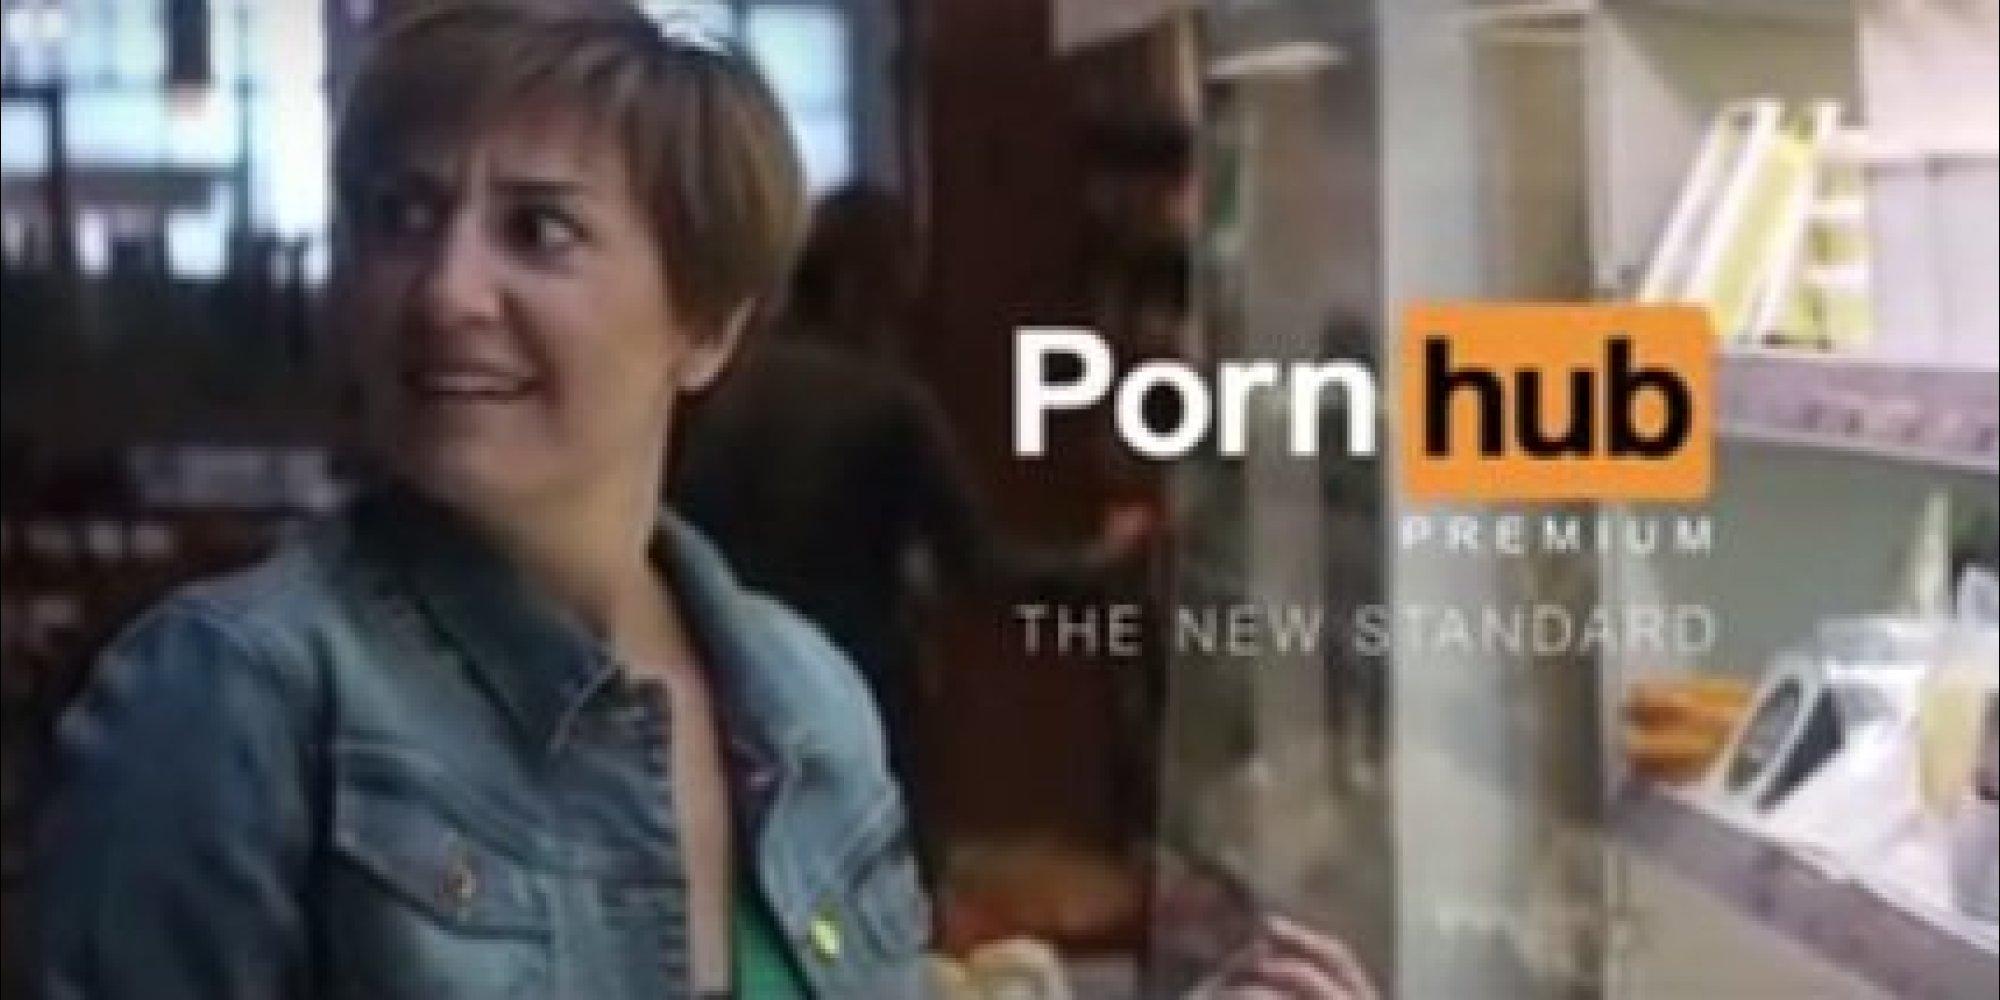 pornhub pas contente